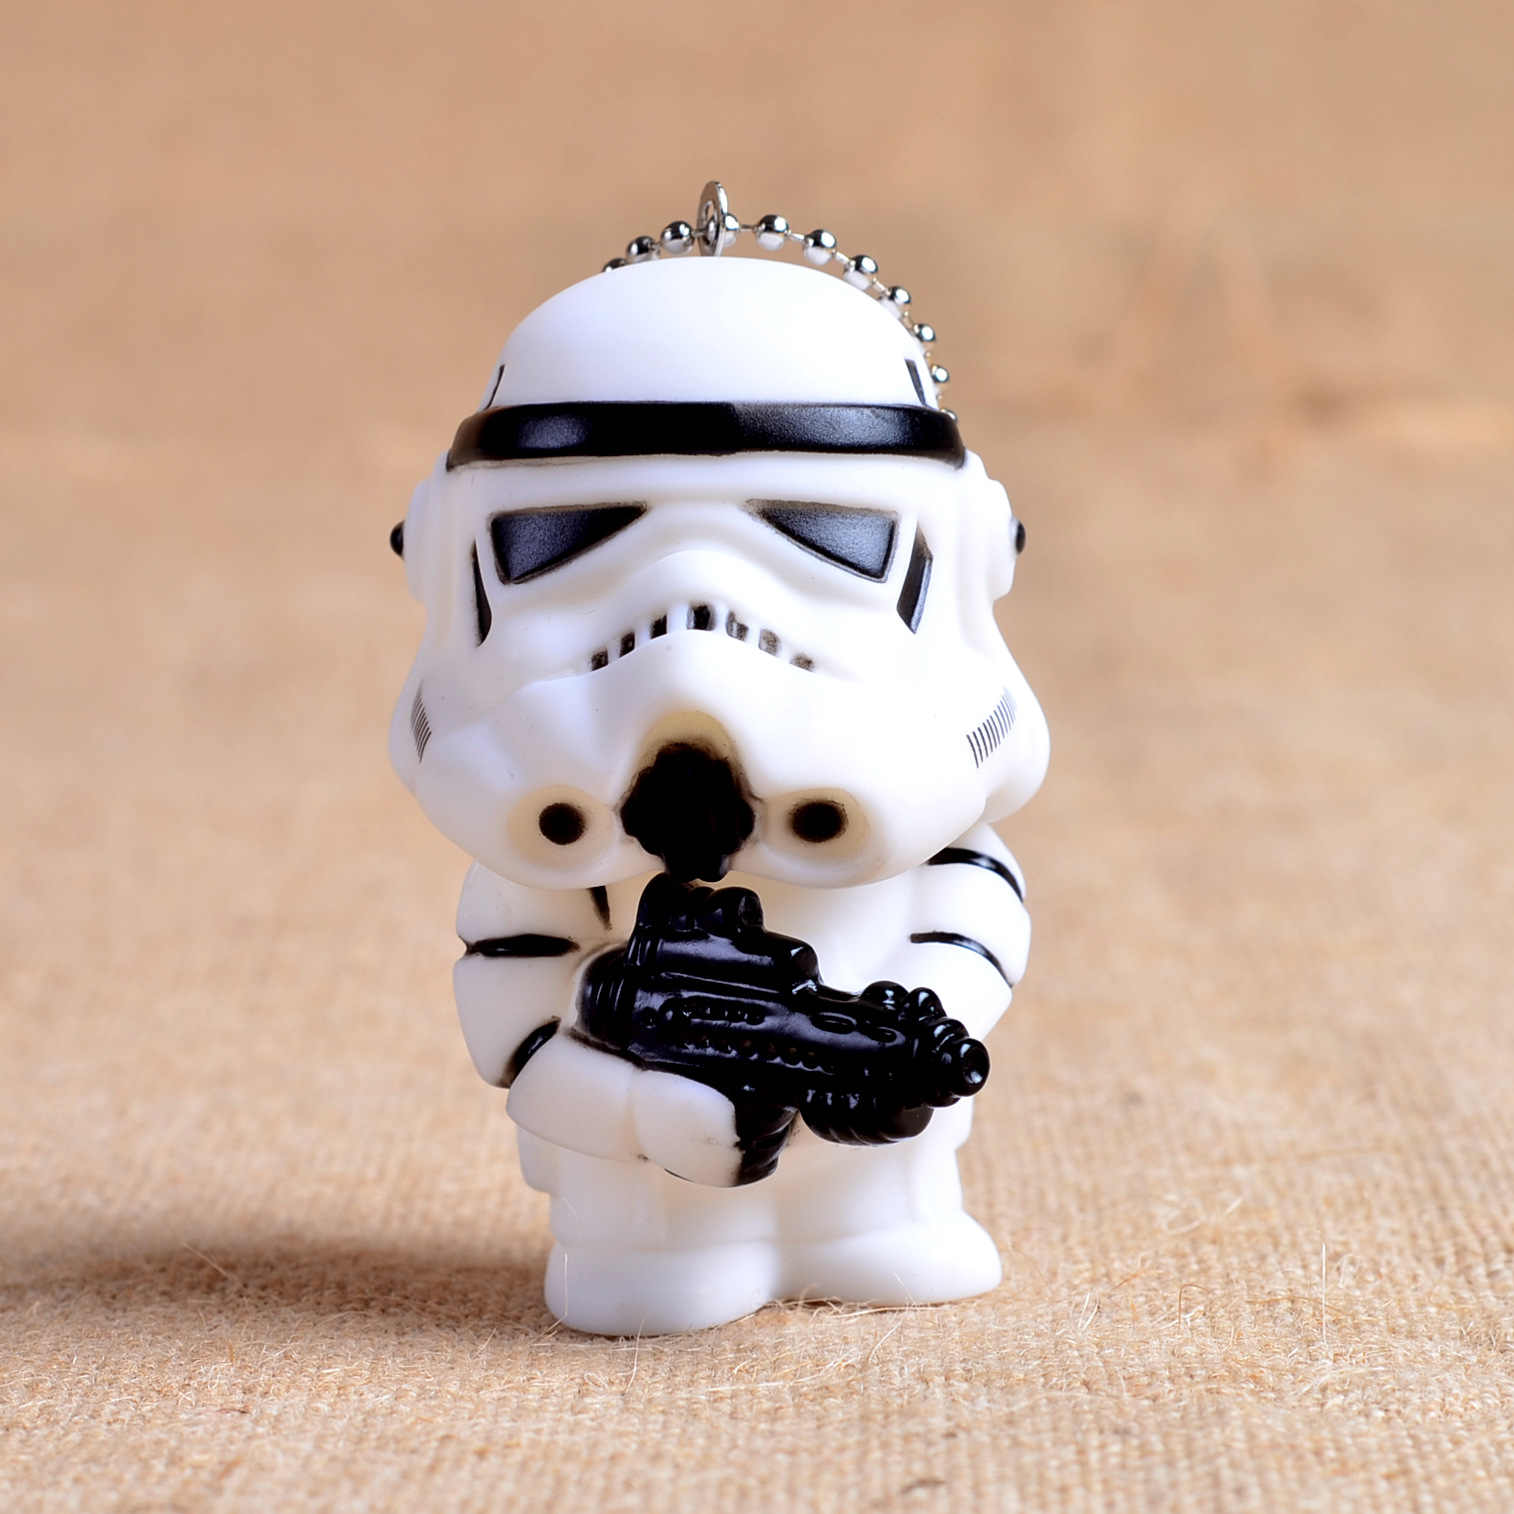 2016 Star Wars 7 Llavero de muñeca Linda Darth Vader Storm Trooper acción minifigura Llavero regalo de juguete de lujo para amigo Llavero ZKSD